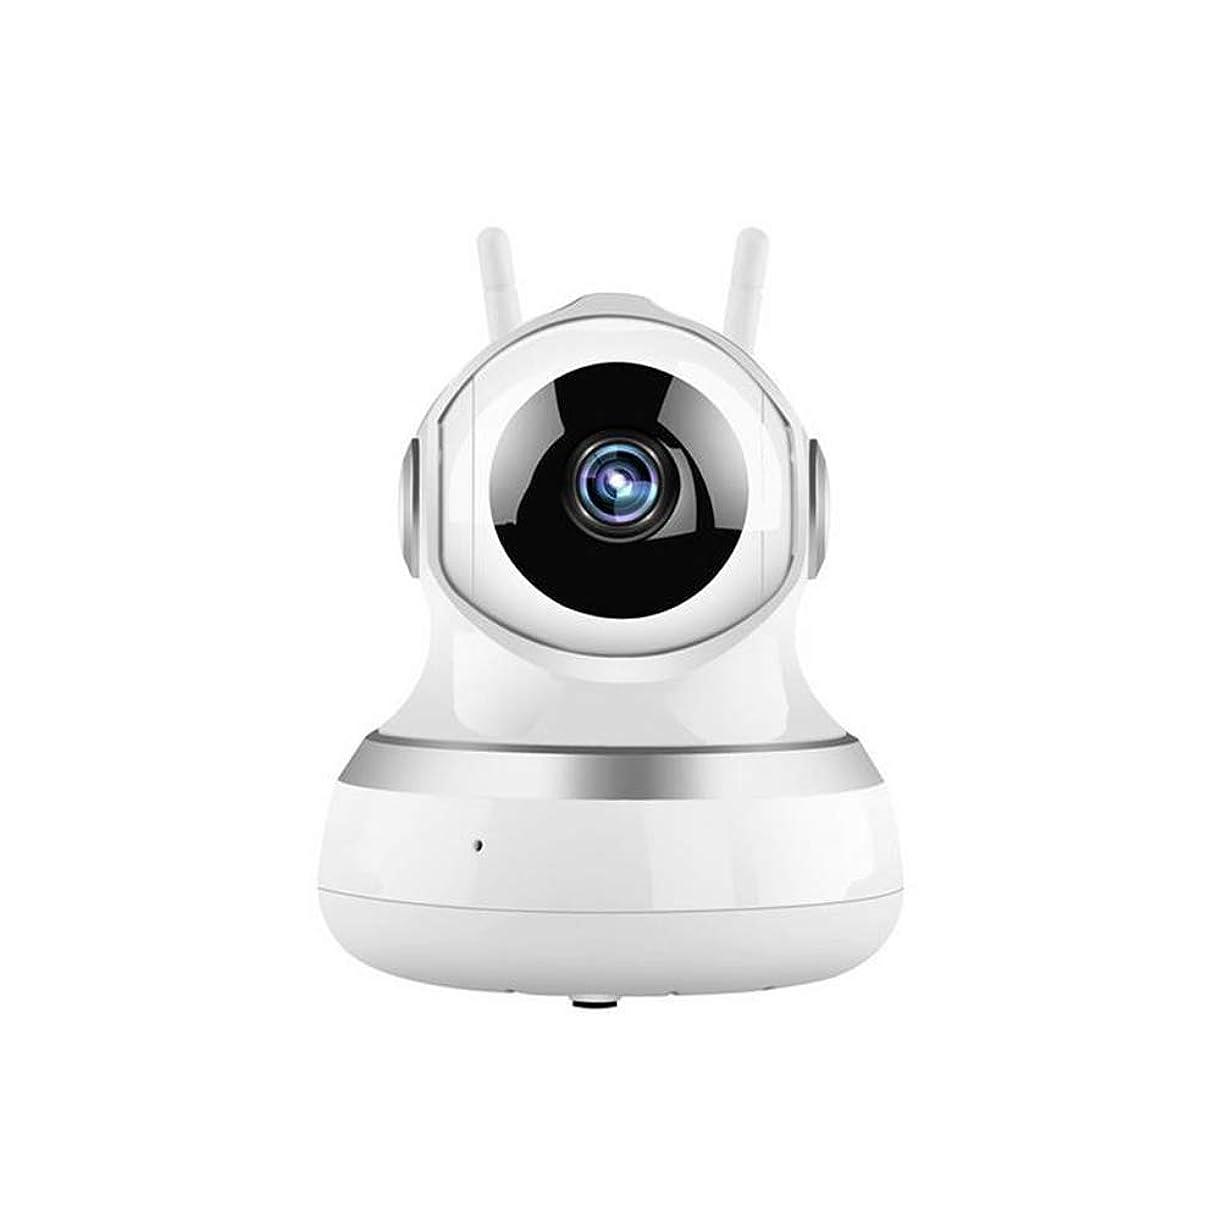 アンビエントボルトパケットHD IPカメラ - 暗視機能付きワイヤレス監視カメラ/双方向オーディオ/、Wifi屋内ホームセキュリティドームカメラ、MicroSDスロット付き遠隔監視、Android、iOSアプリ